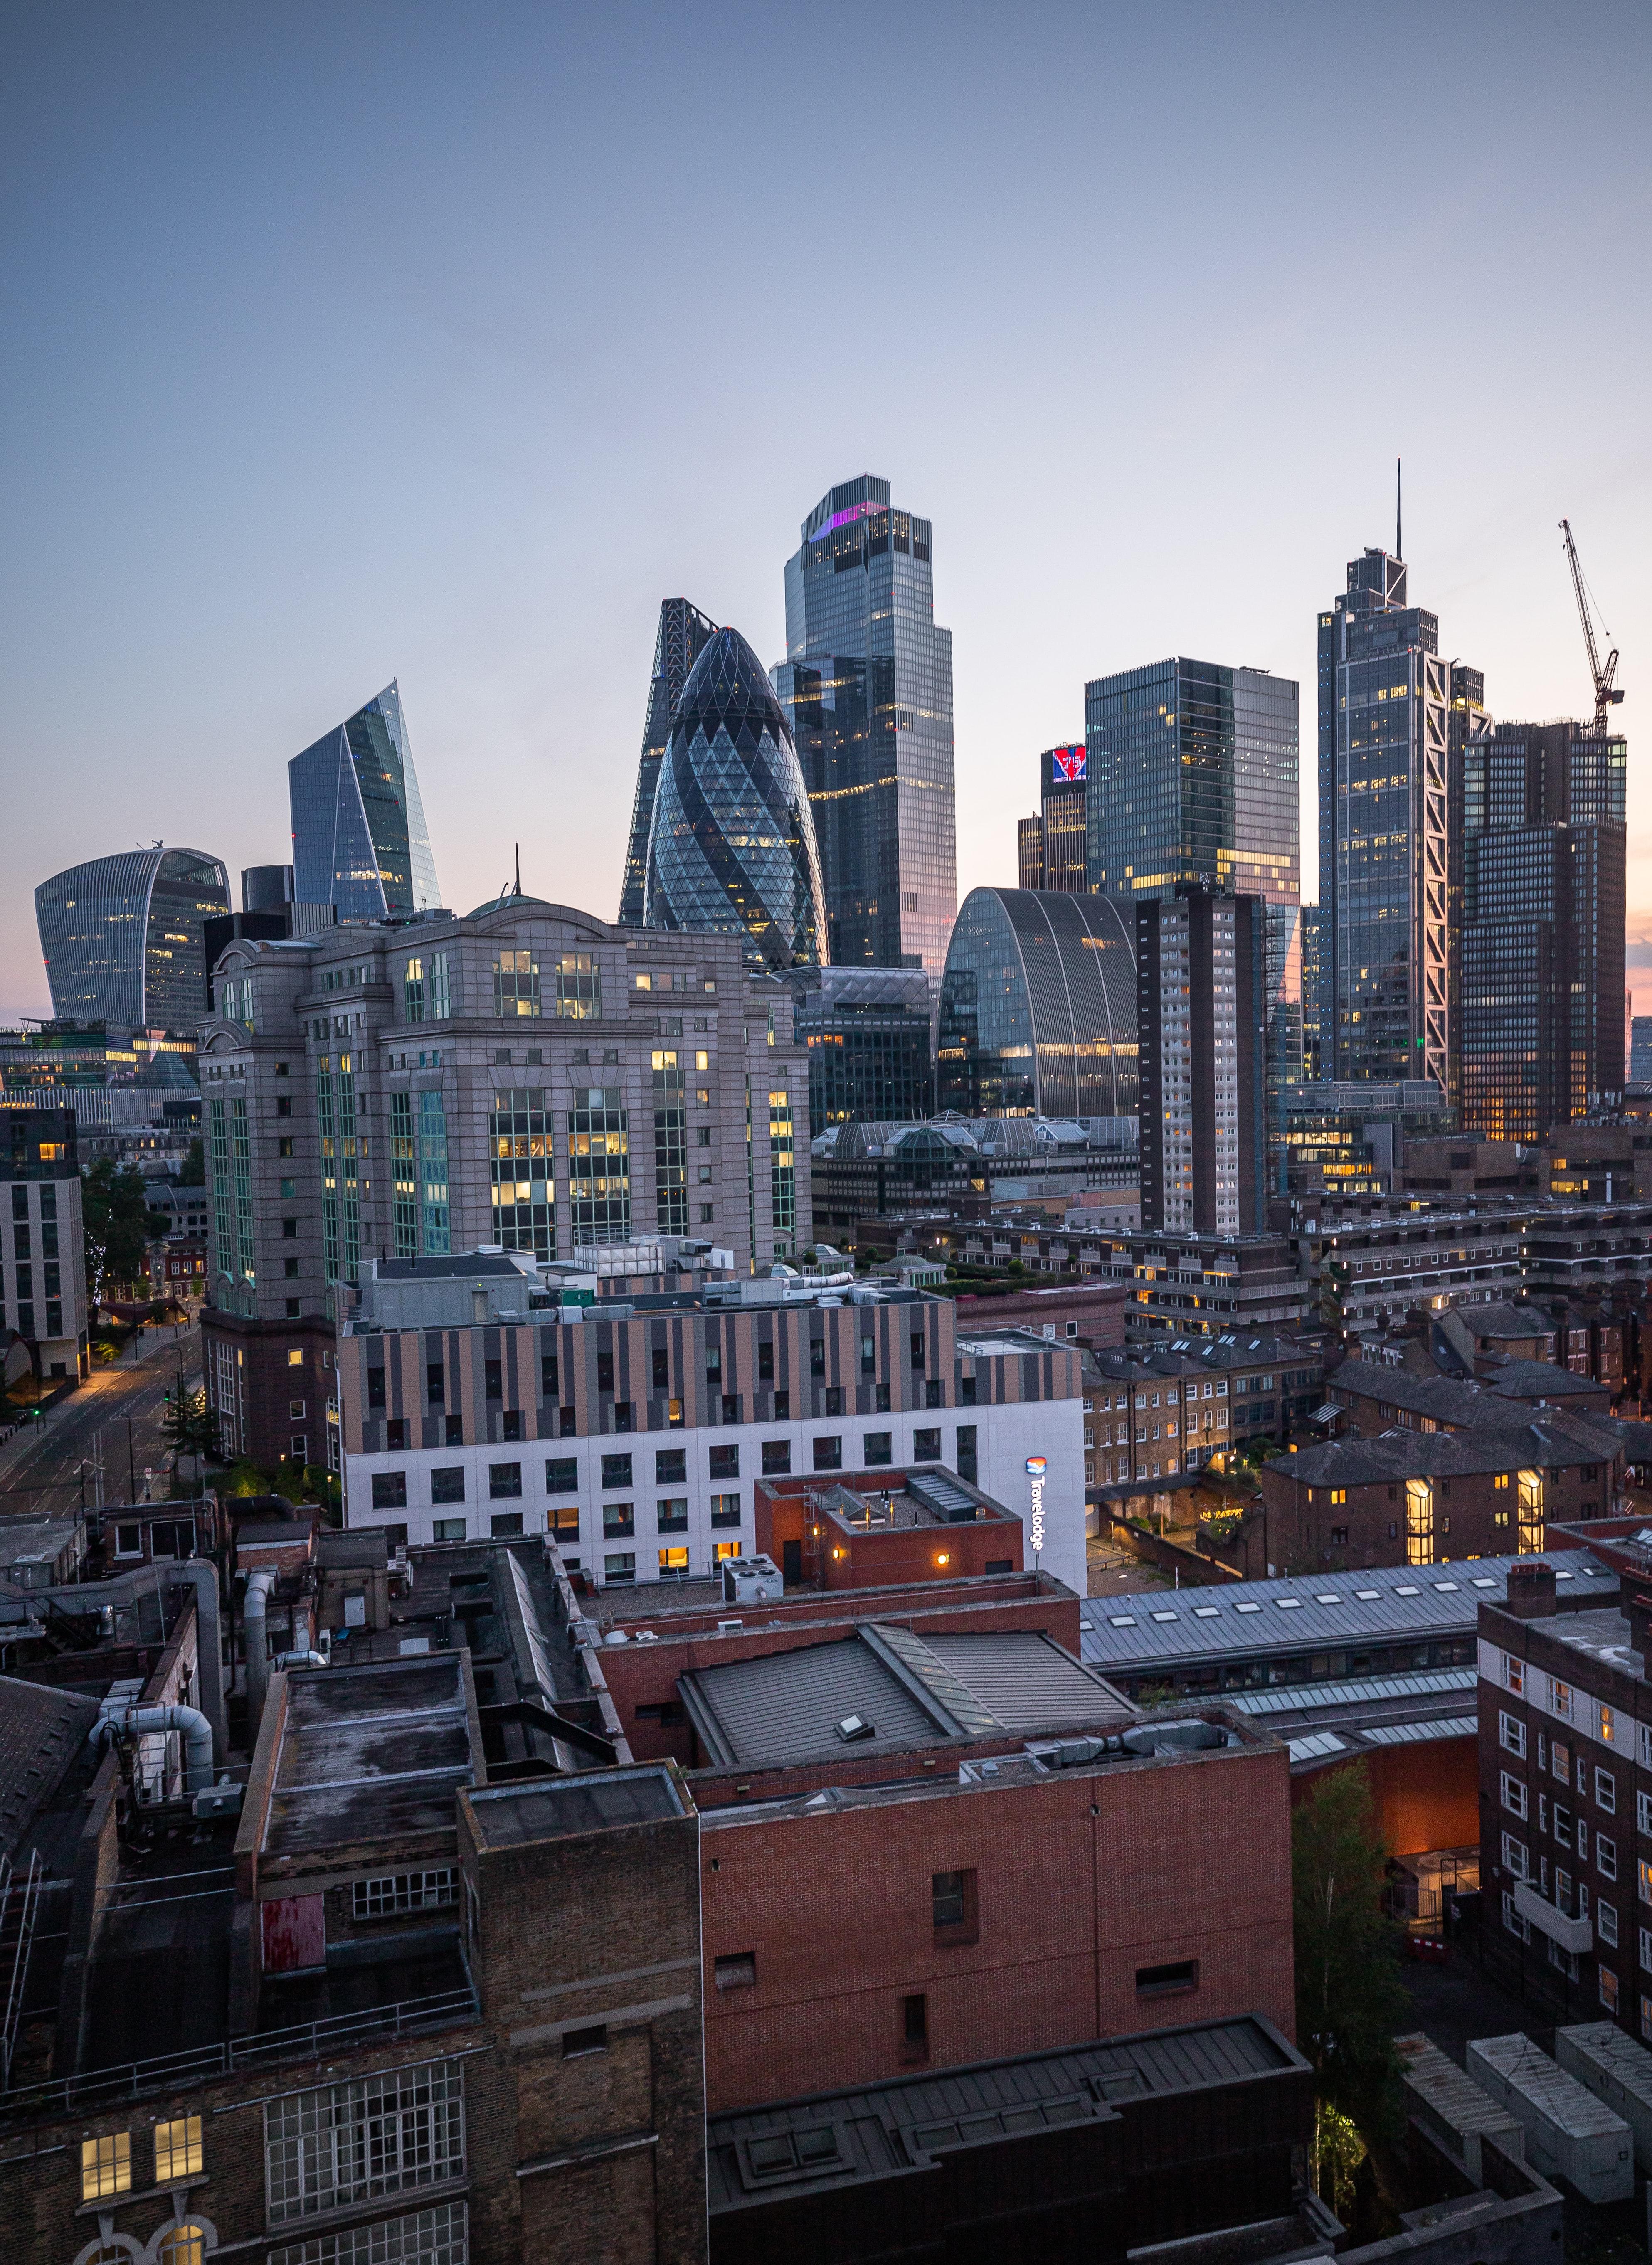 143410壁紙のダウンロード市, 都市, 建物, 屋根, ロンドン, アーキテクチャ-スクリーンセーバーと写真を無料で